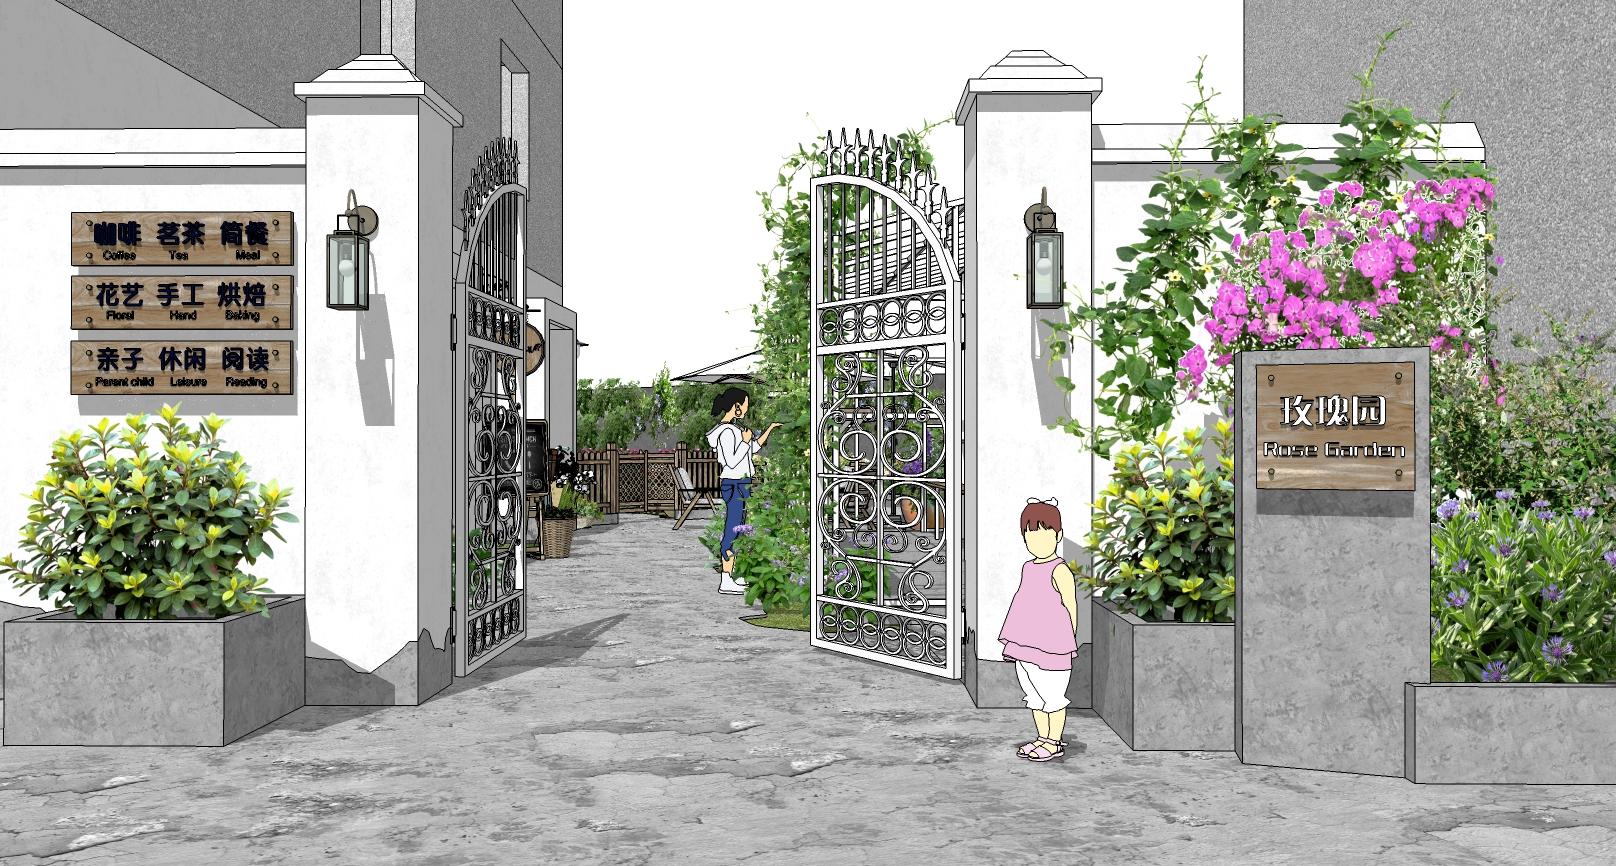 民宿花园景观su模型——入口大门